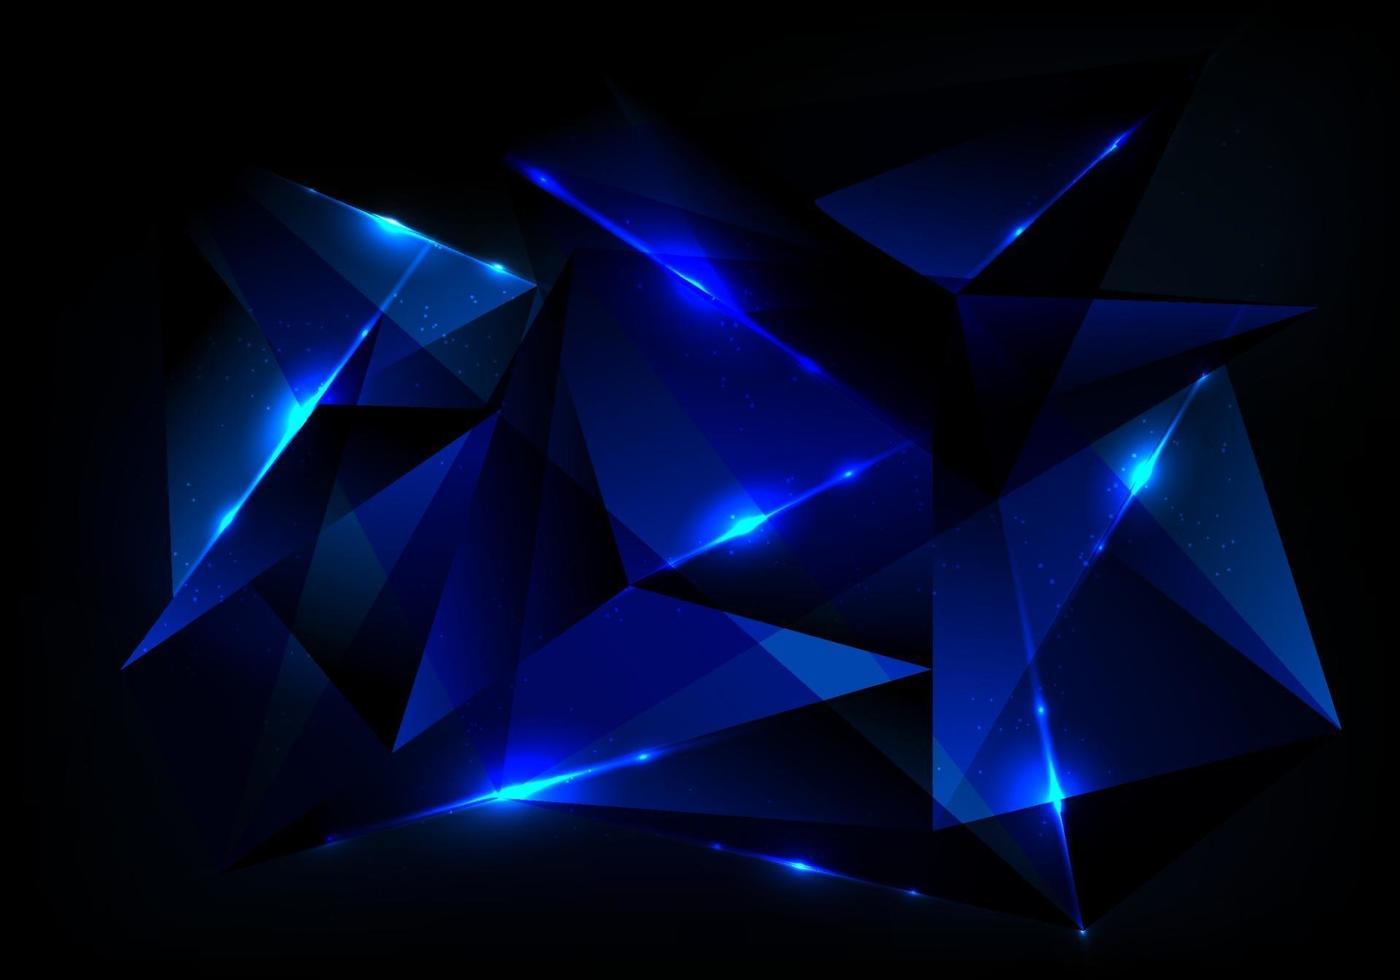 abstract futuristisch technologieconcept met blauw veelhoekig patroon en gloedverlichting op donkerblauwe achtergrond vector